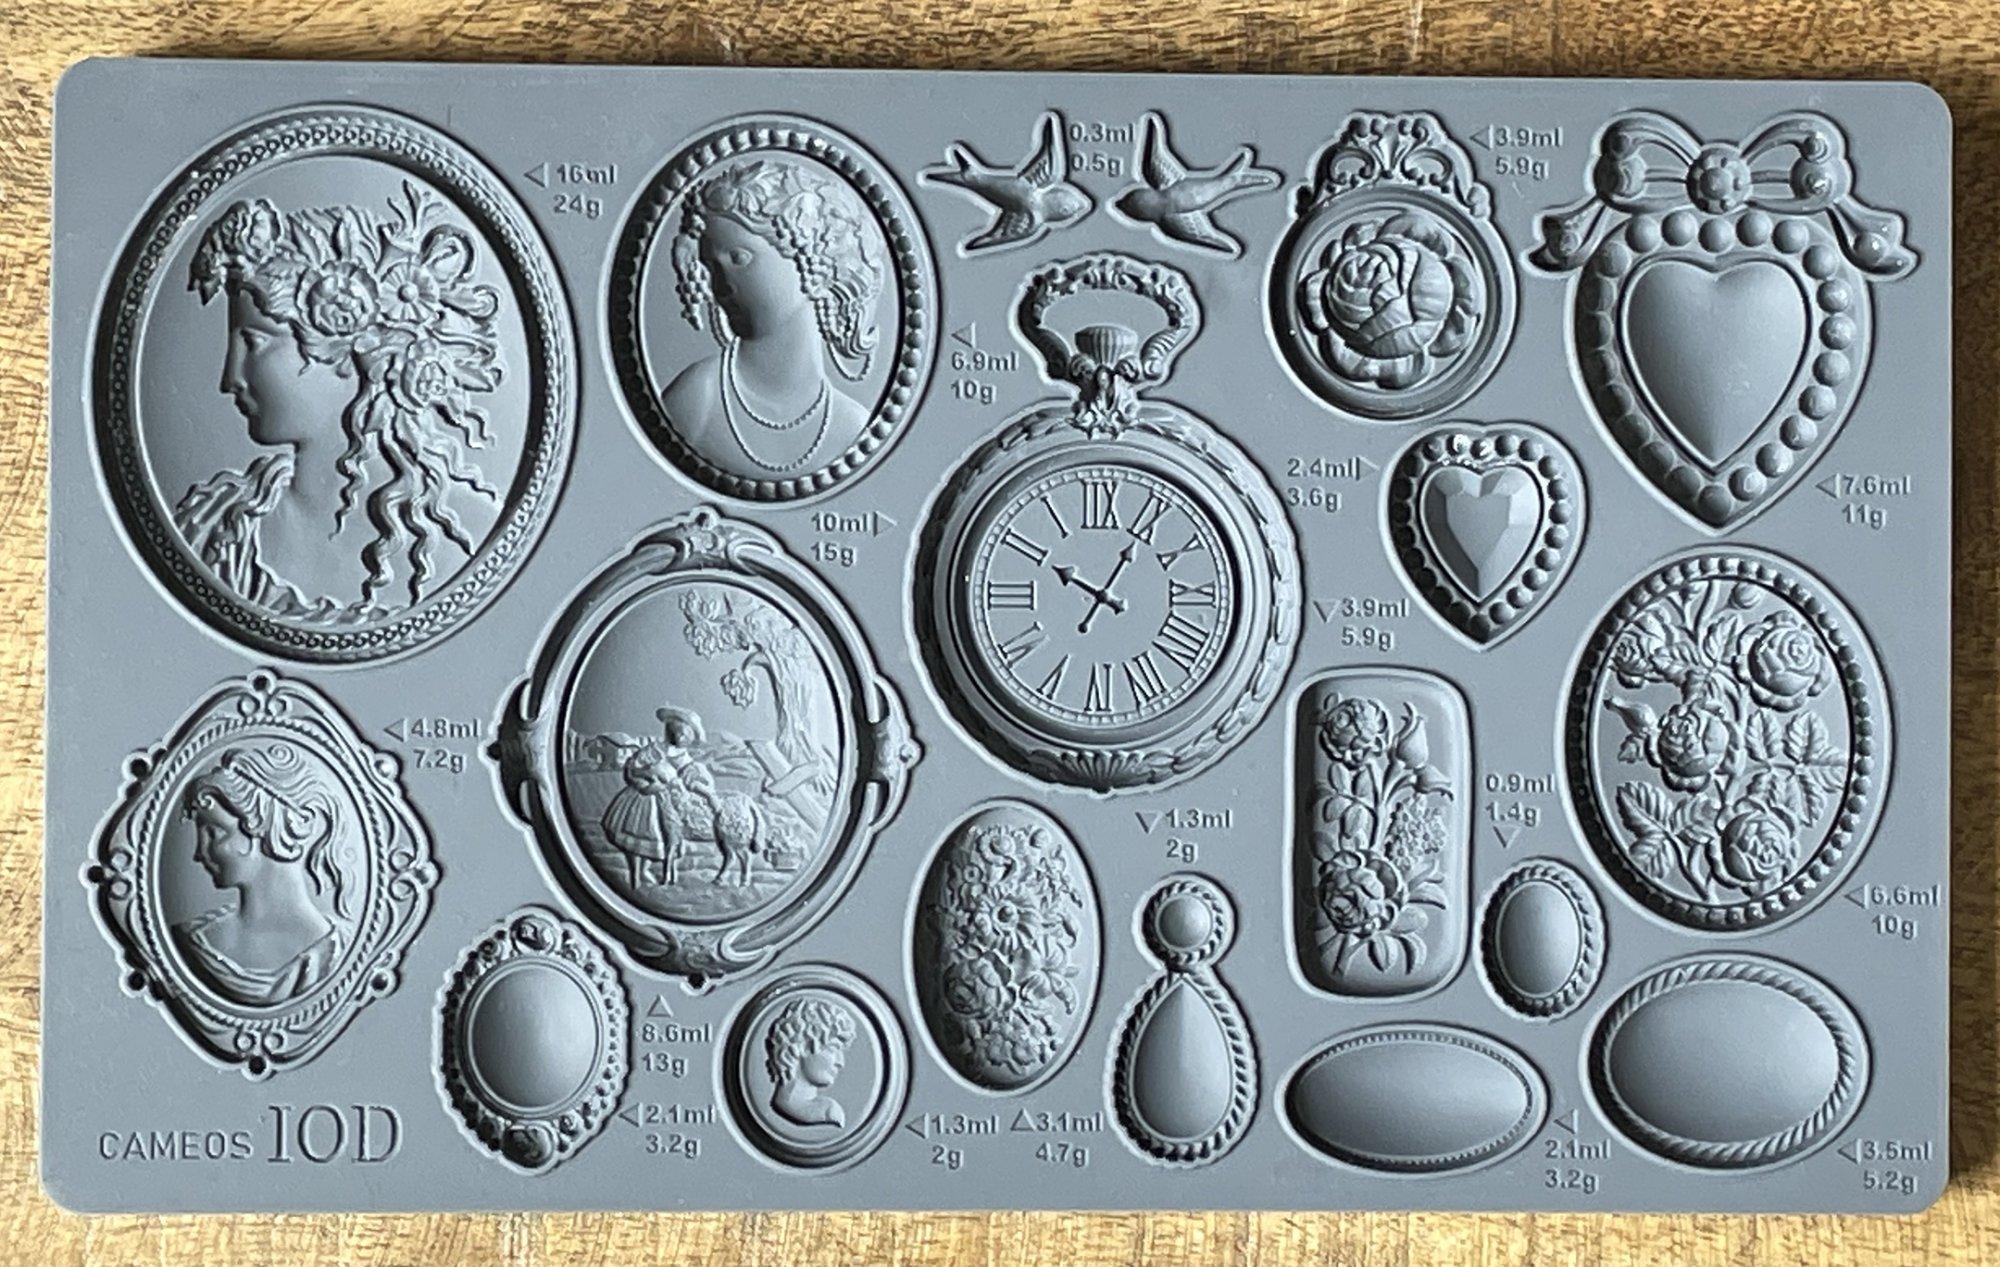 Cameos 6x10 IOD Mould